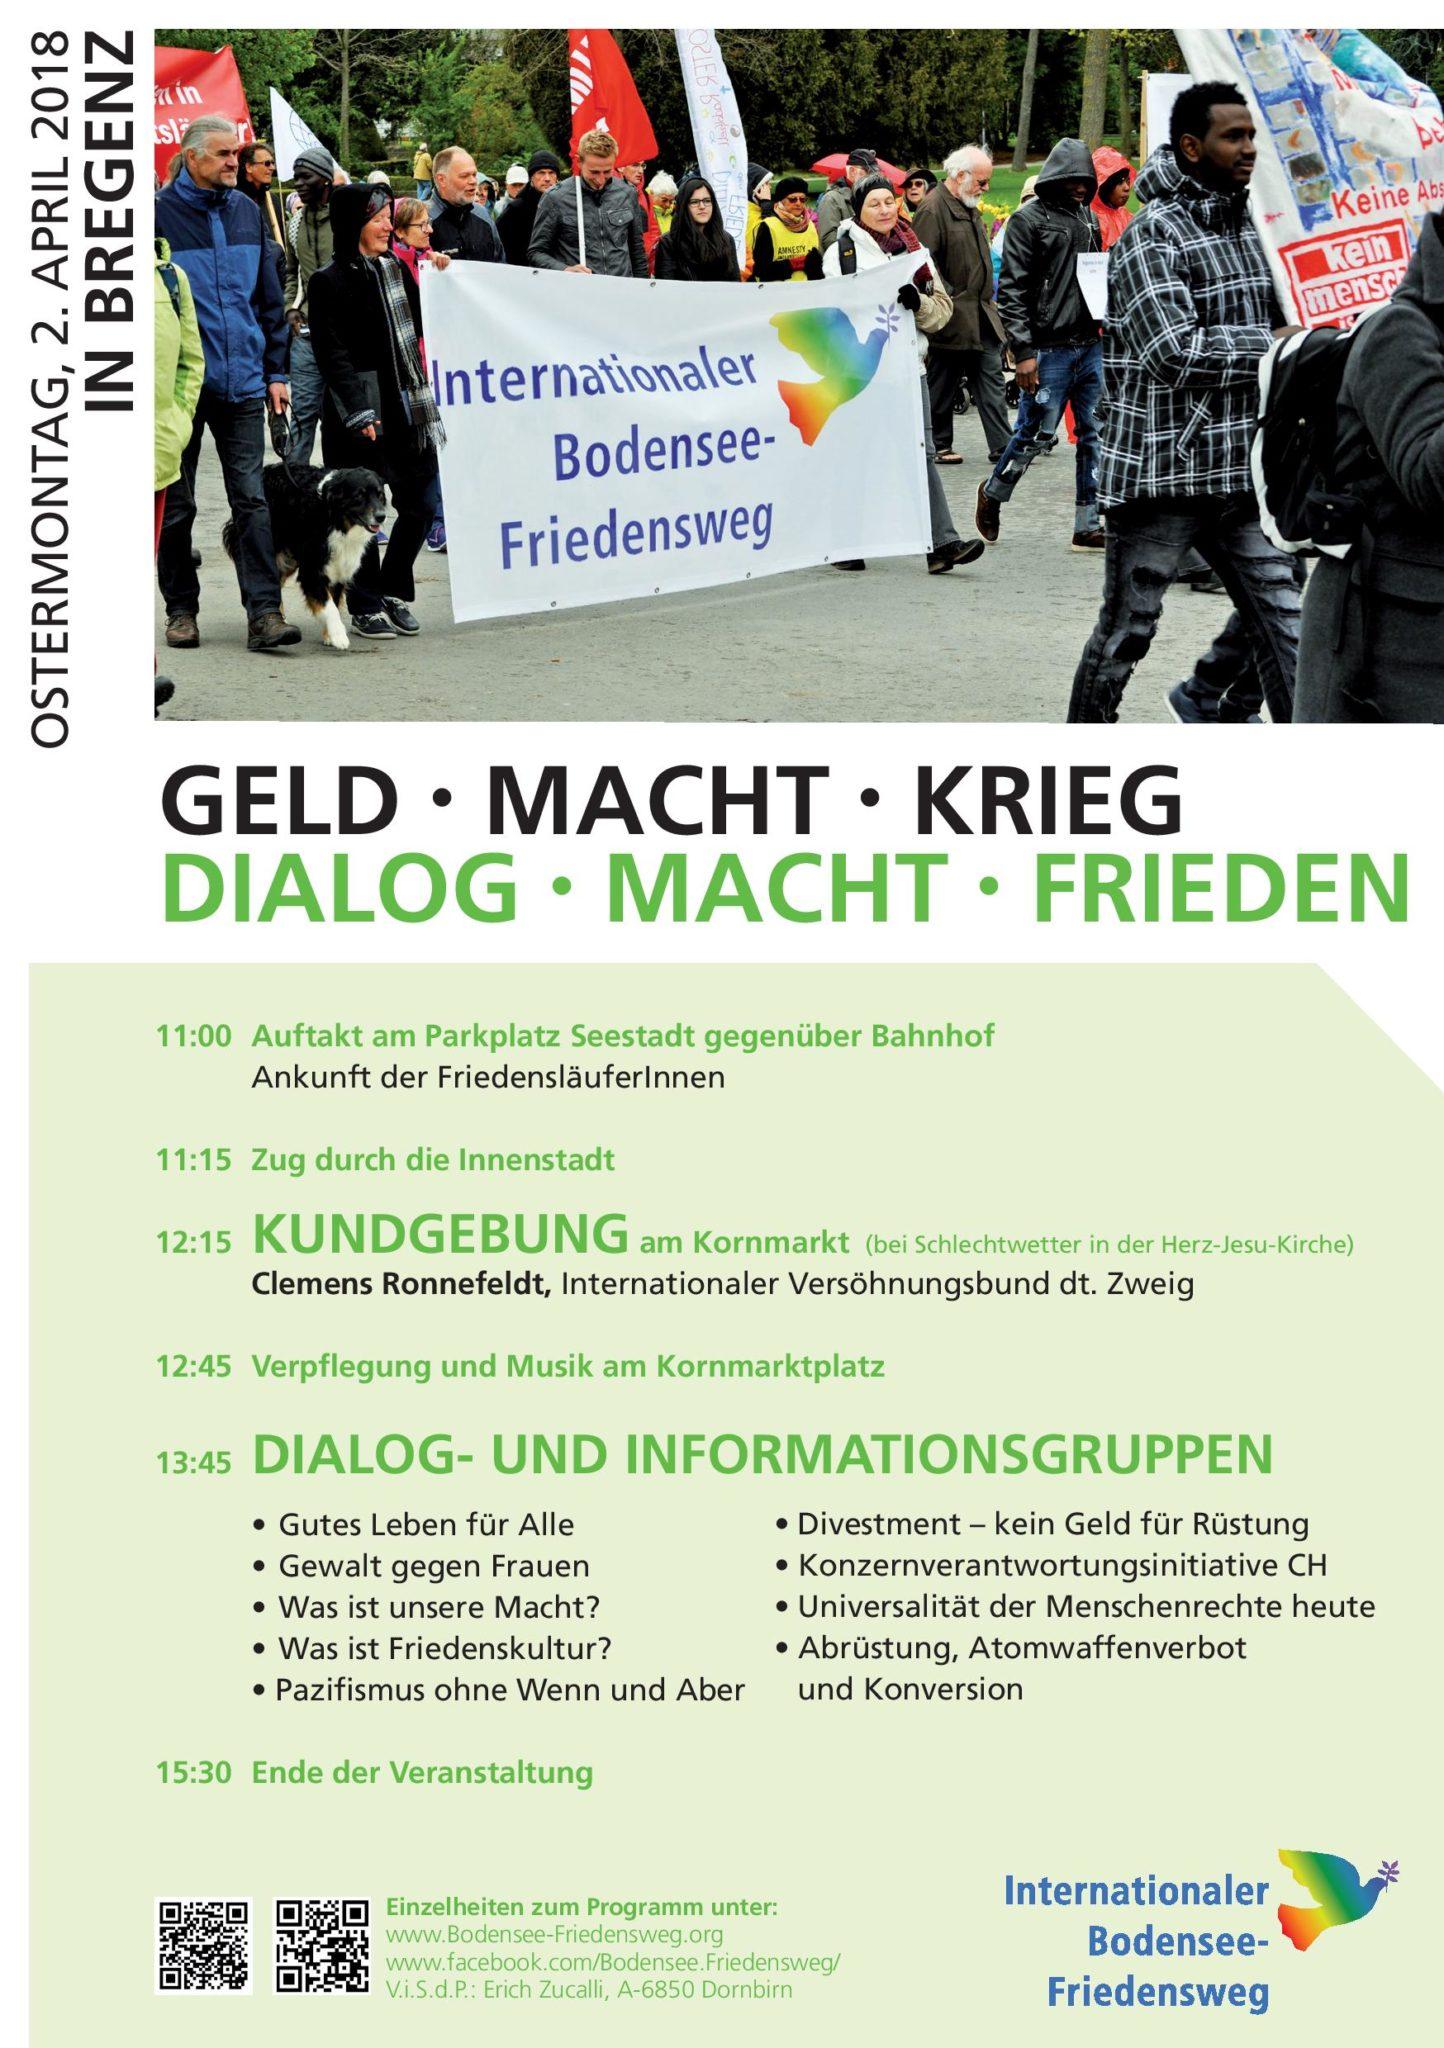 Bodensee Friedensweg: GELD MACHT KRIEG DIALOG MACHT FRIEDEN